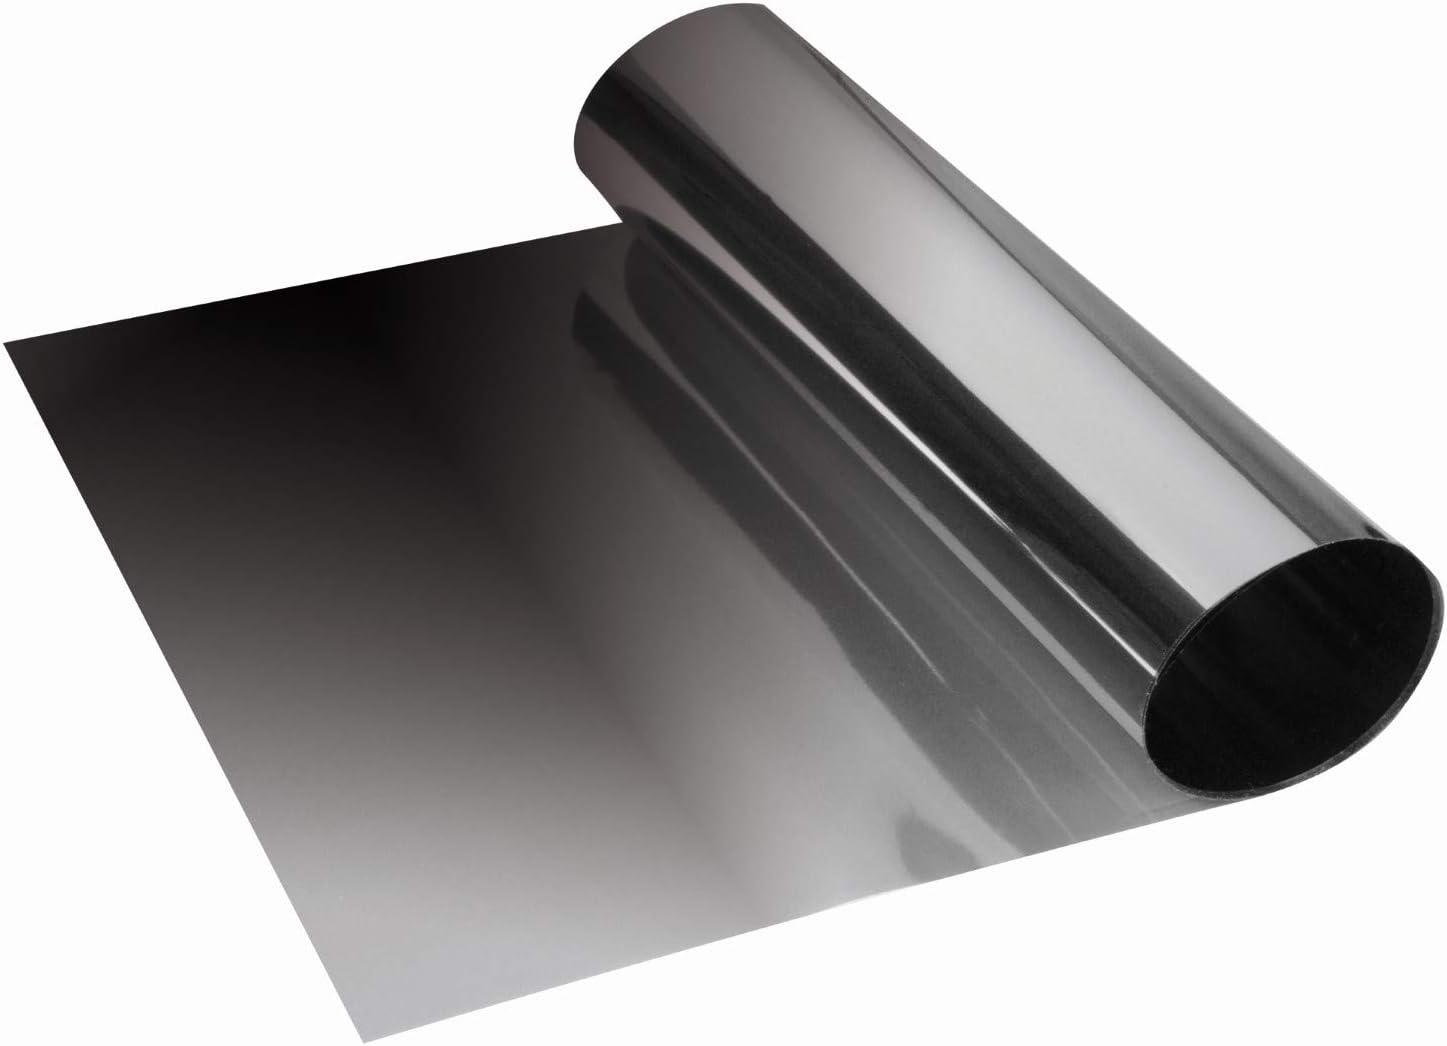 Grünkeil Blendstreifen Tönungsfolie Sonnenkeil Scheibenkeil Schwarzes Silber